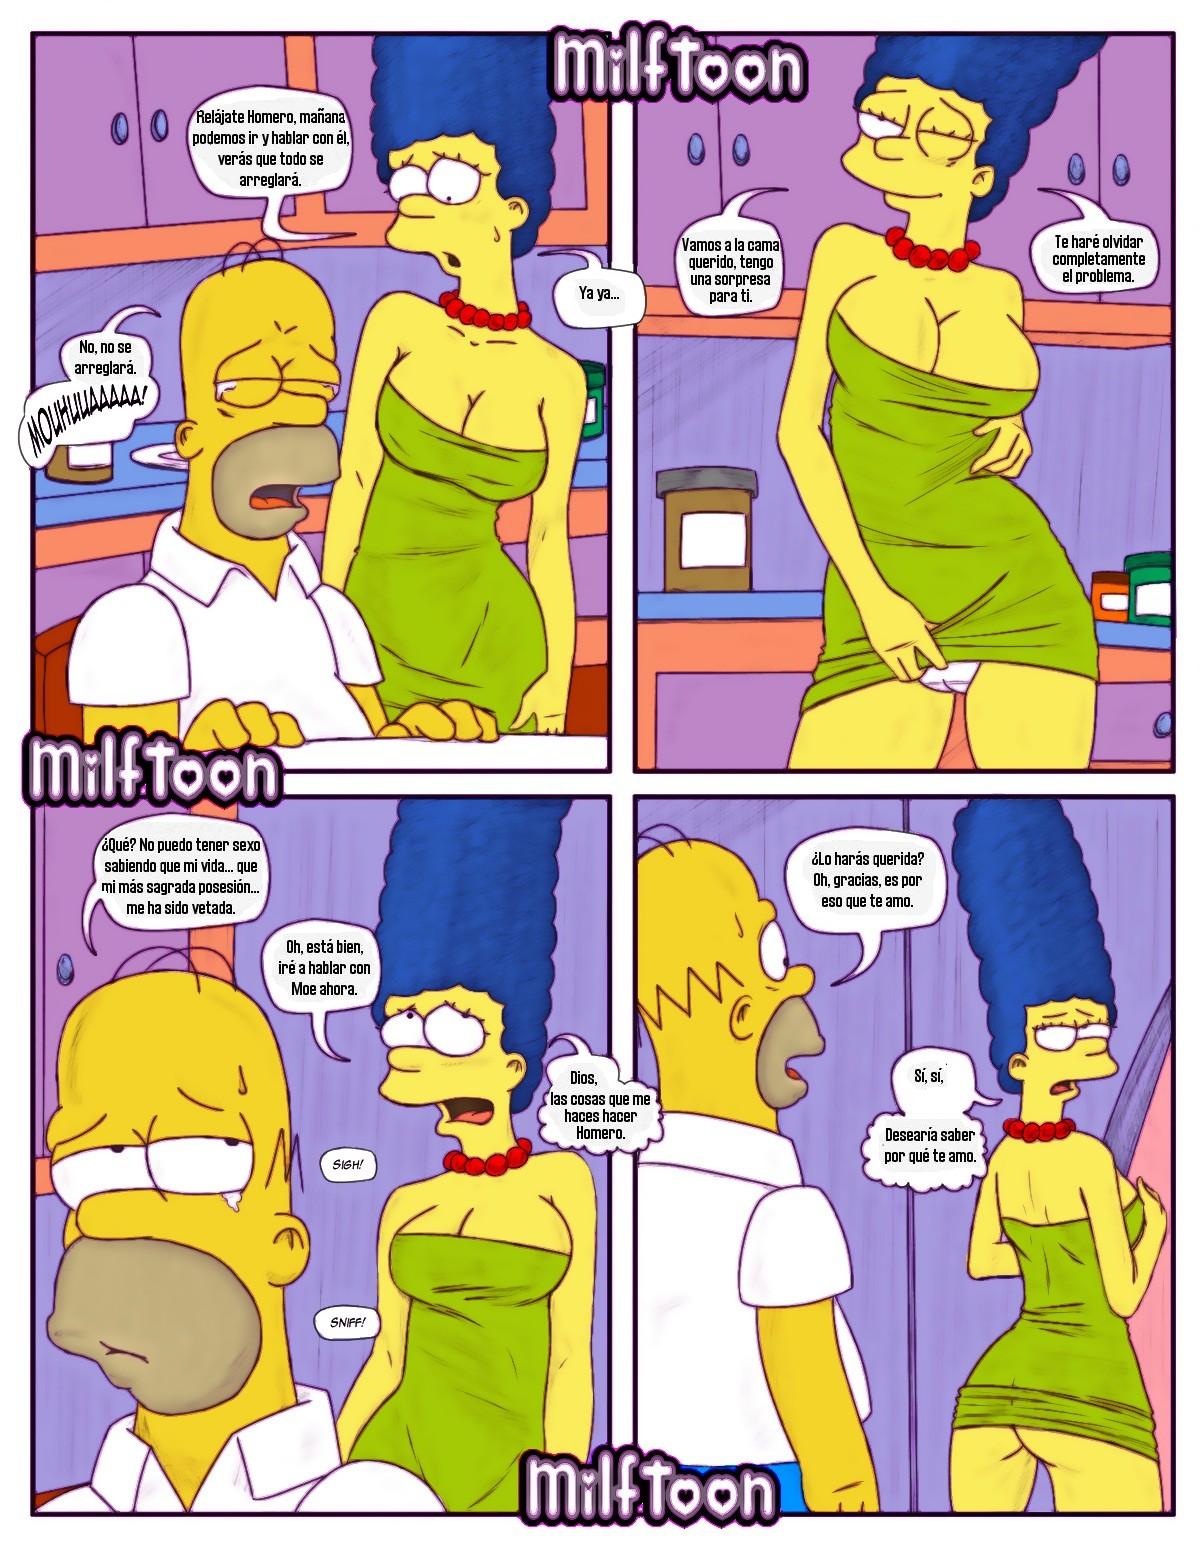 prostitutas sexys xxx comics de prostitutas